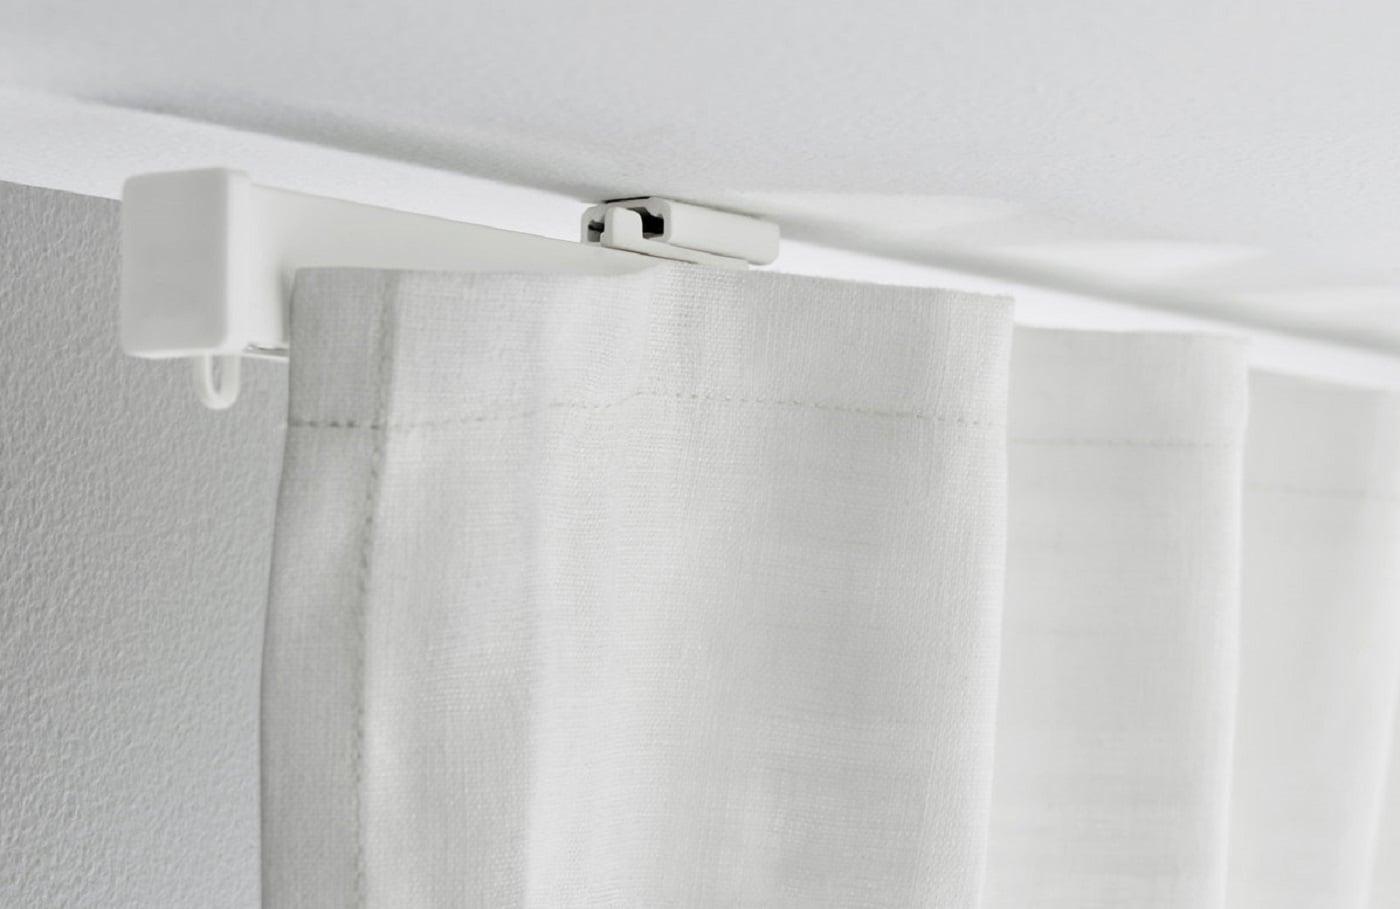 Ikea Vidga Halter Fur Schiebegardine 60cm Weiss Laufleiste